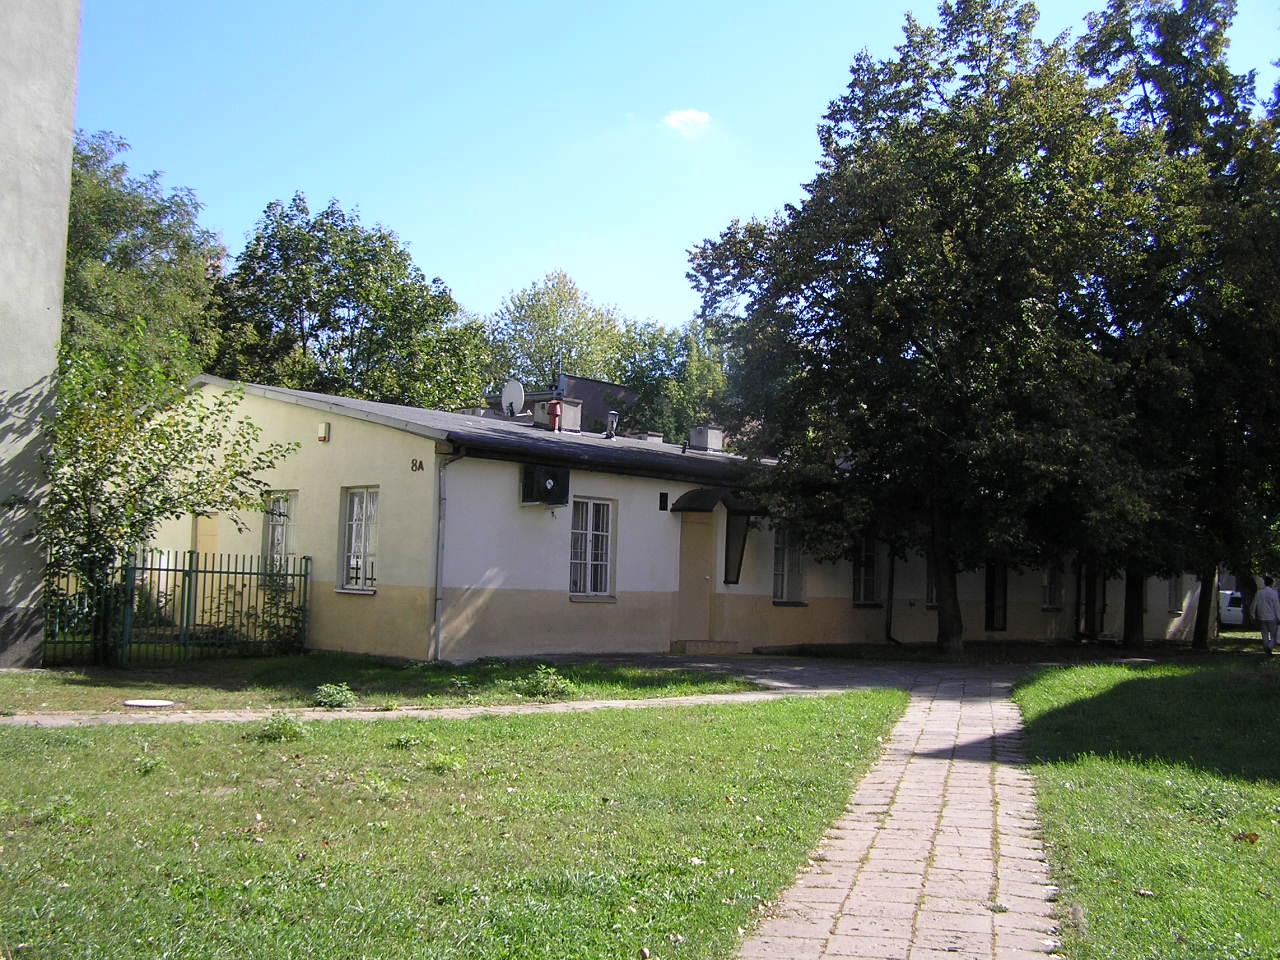 Wąwolnicka 1A